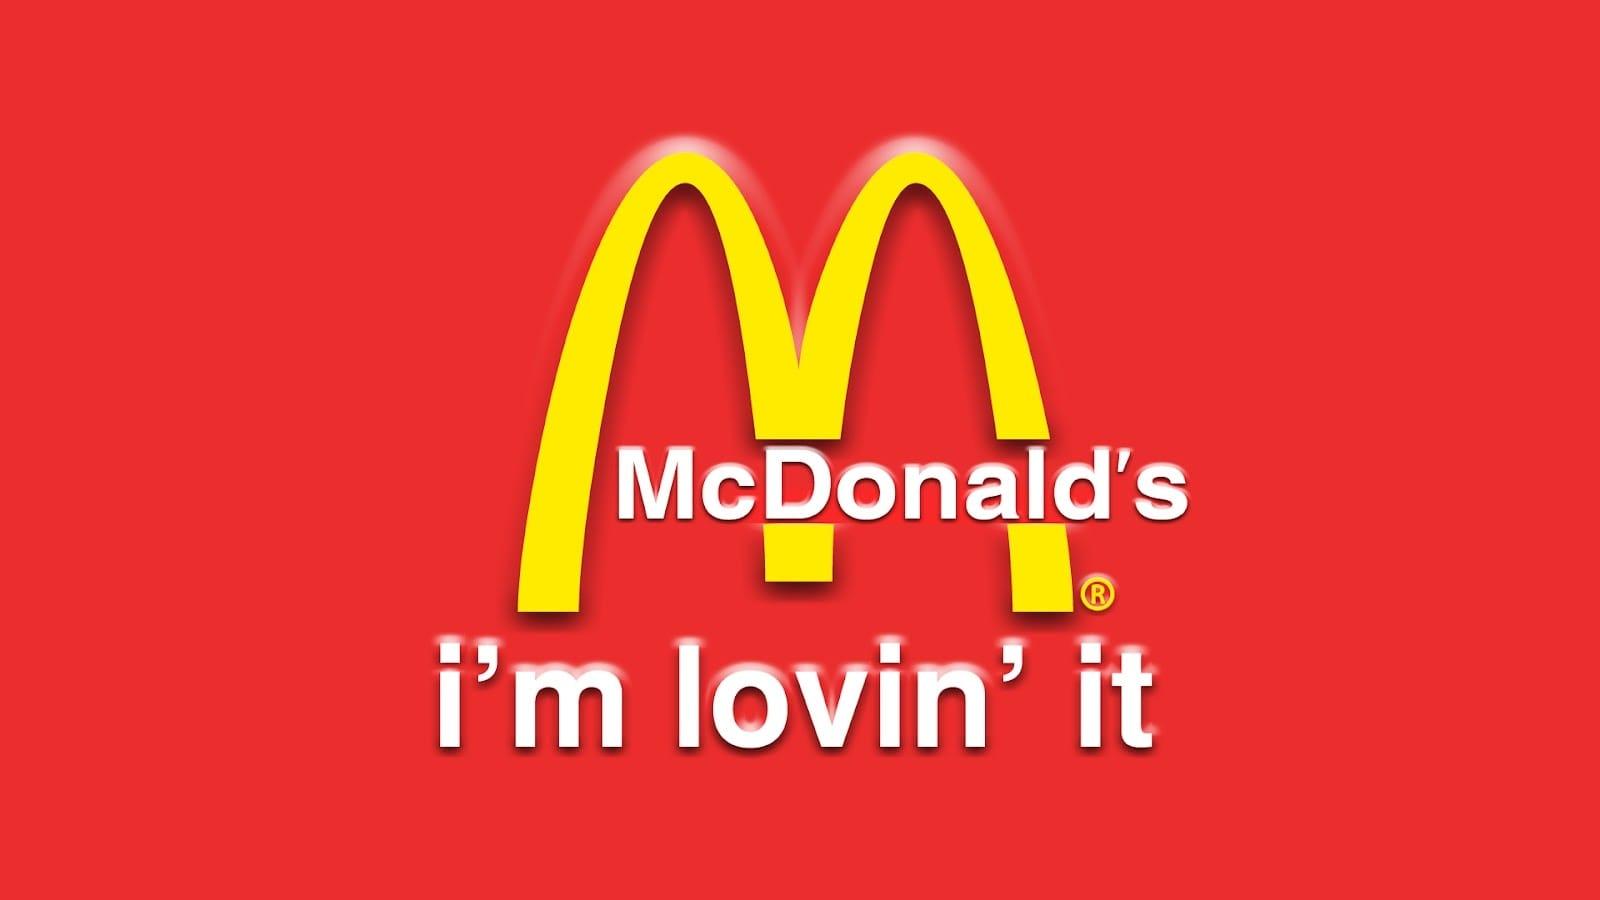 slogan reklamowy i'm lovin it